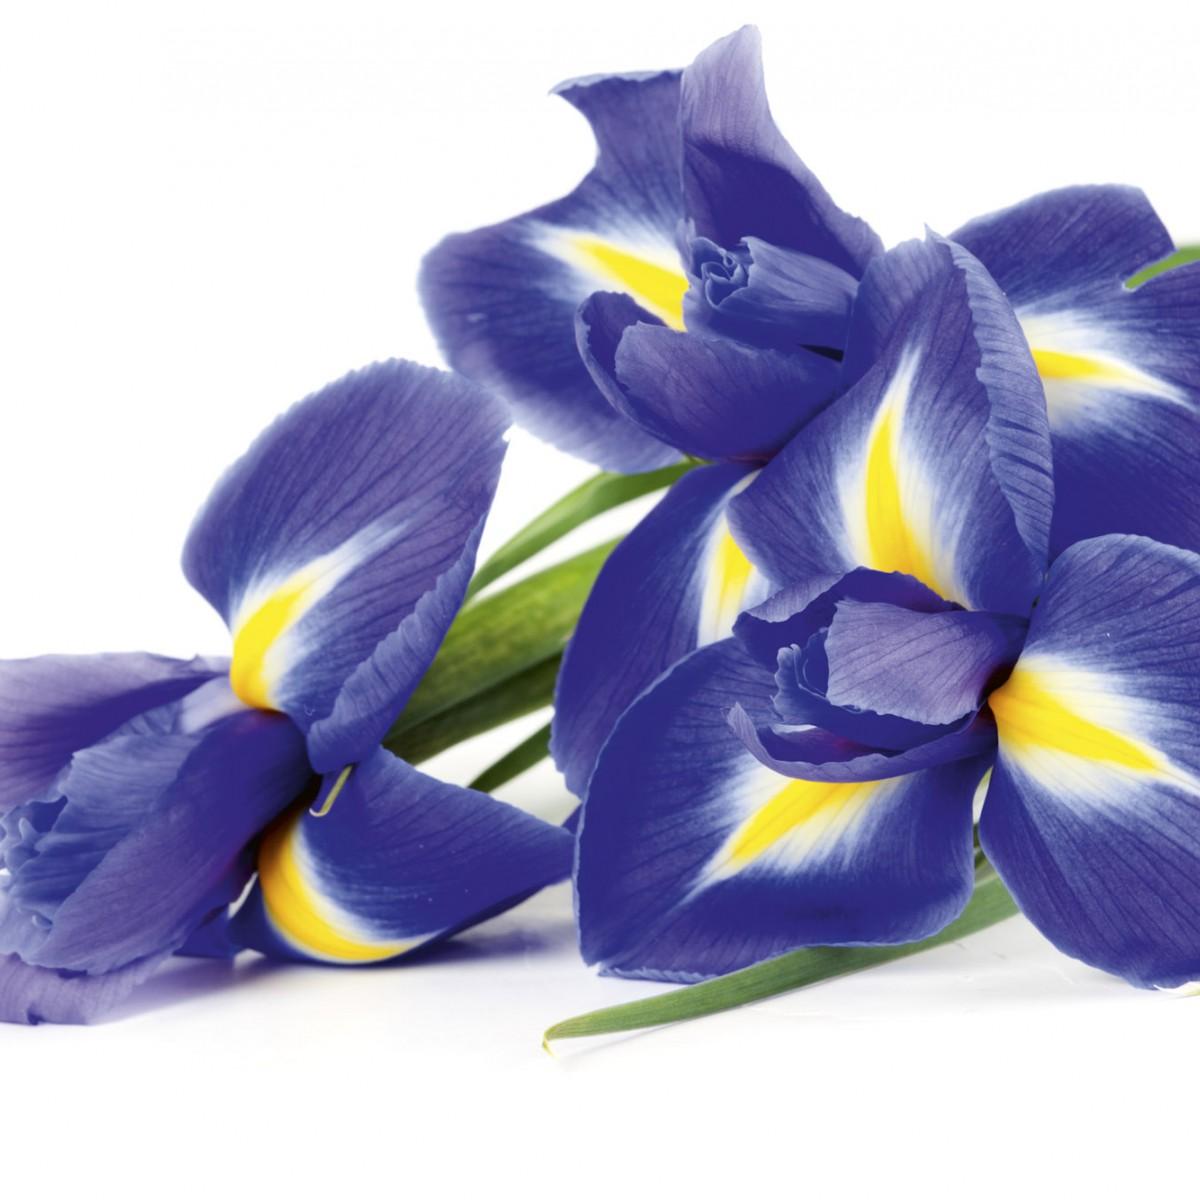 Foto tapet 3D Iris, Dimex, 5 fâșii, 375 x 250cm